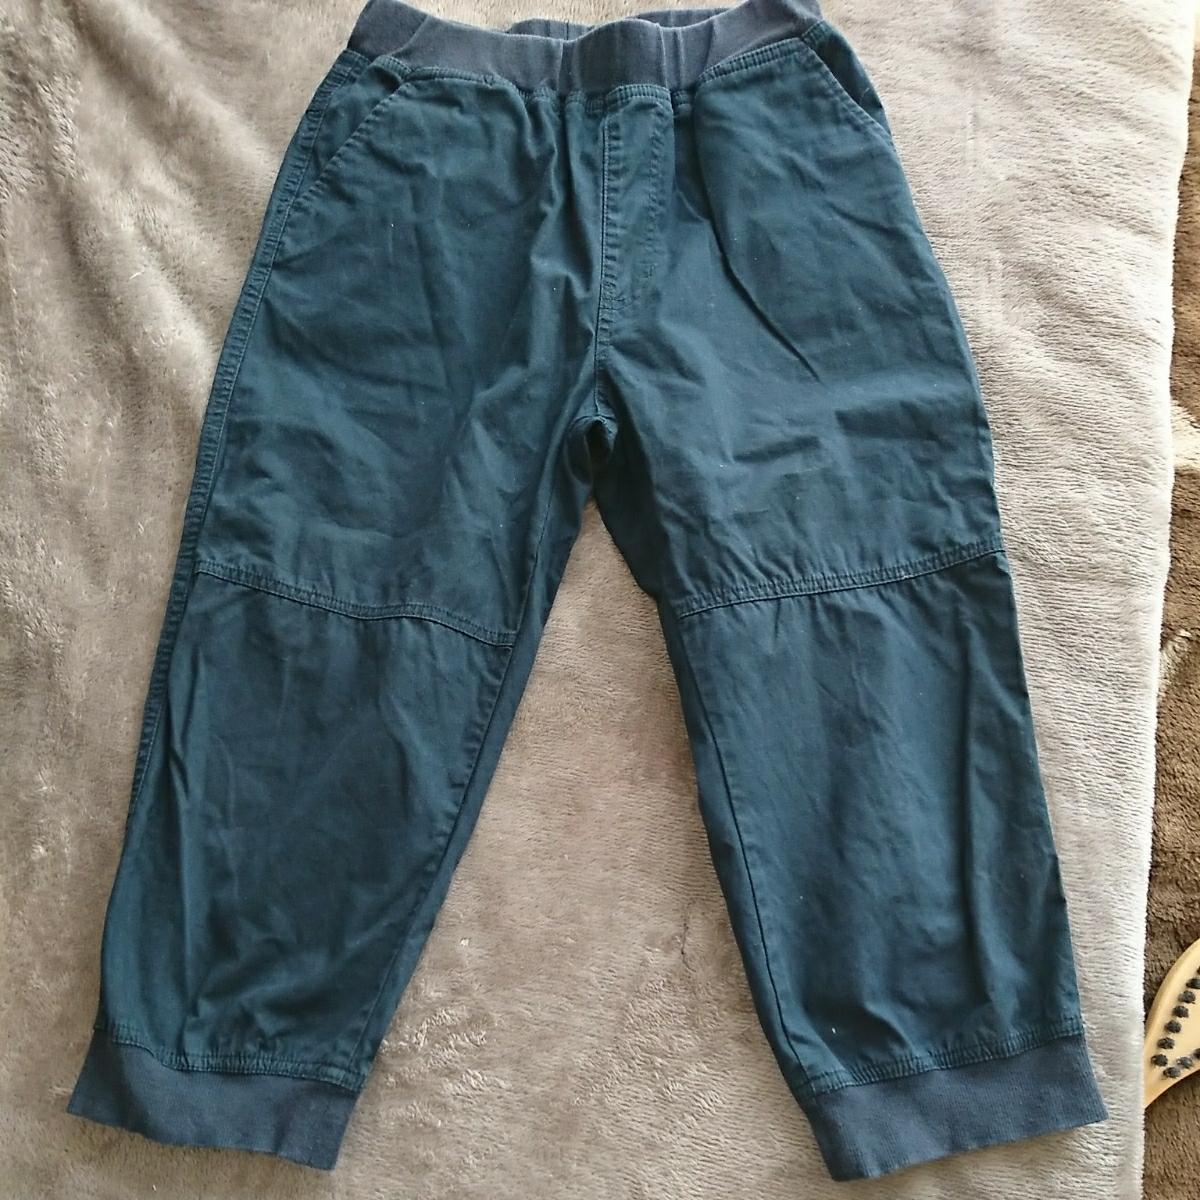 半端丈パンツ 7分 七分くらい 150 160サイズ 小学生高学年から中1くらいの男の子に ハーフパンツより長めの丈 _画像3